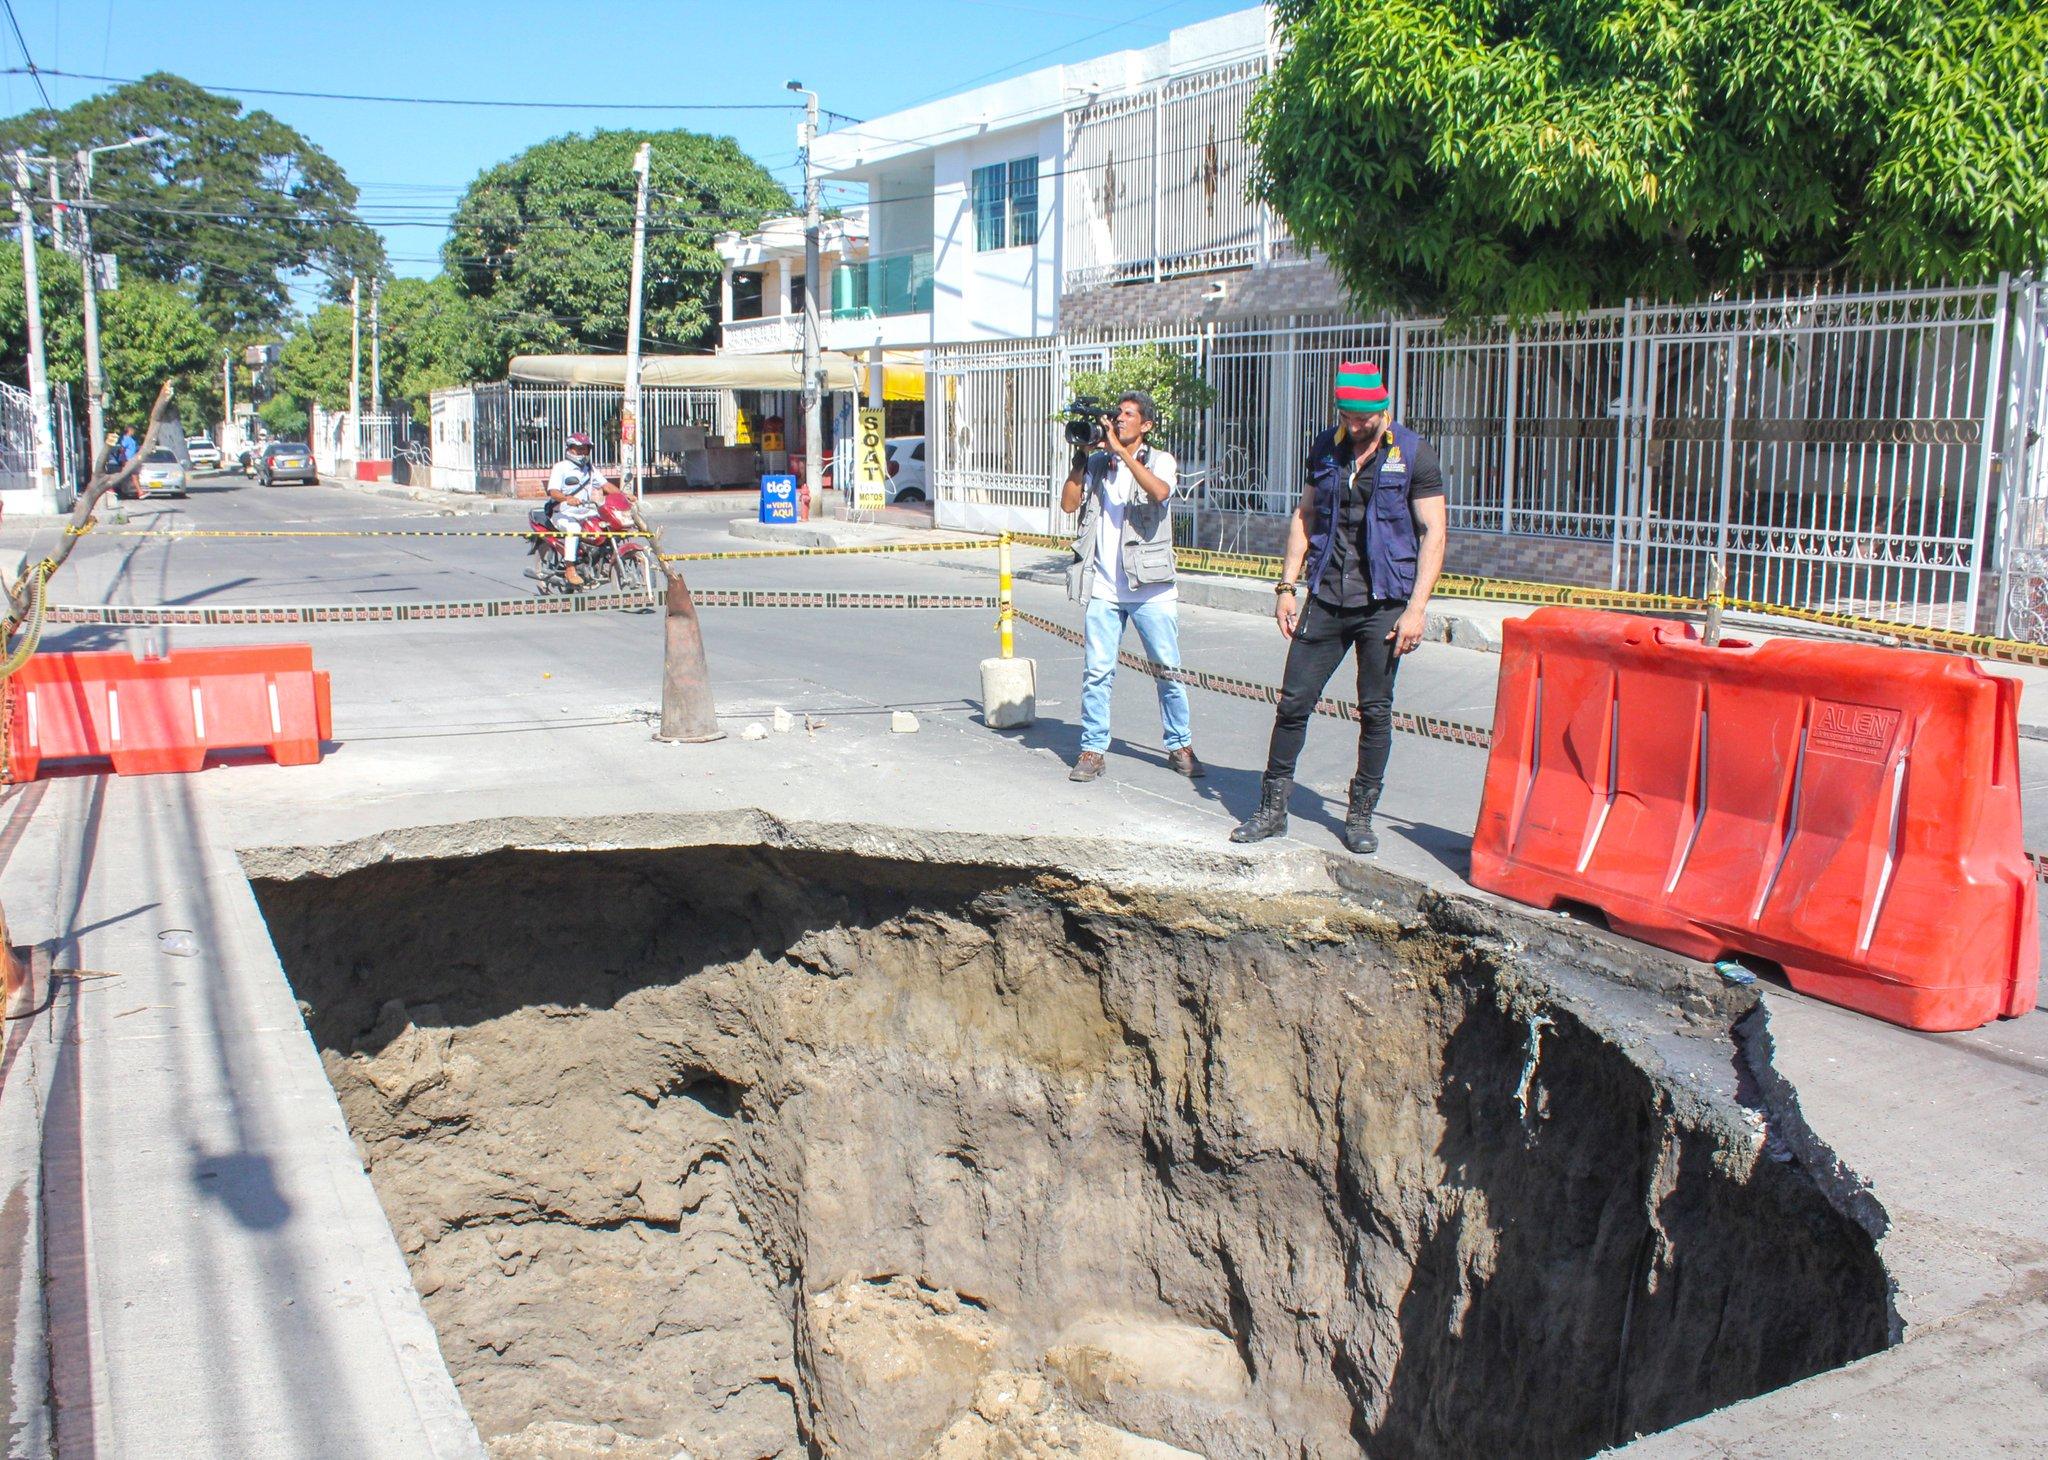 El director de la Ogricc, Jaime Avendaño, inspeccionó la zona afectada.